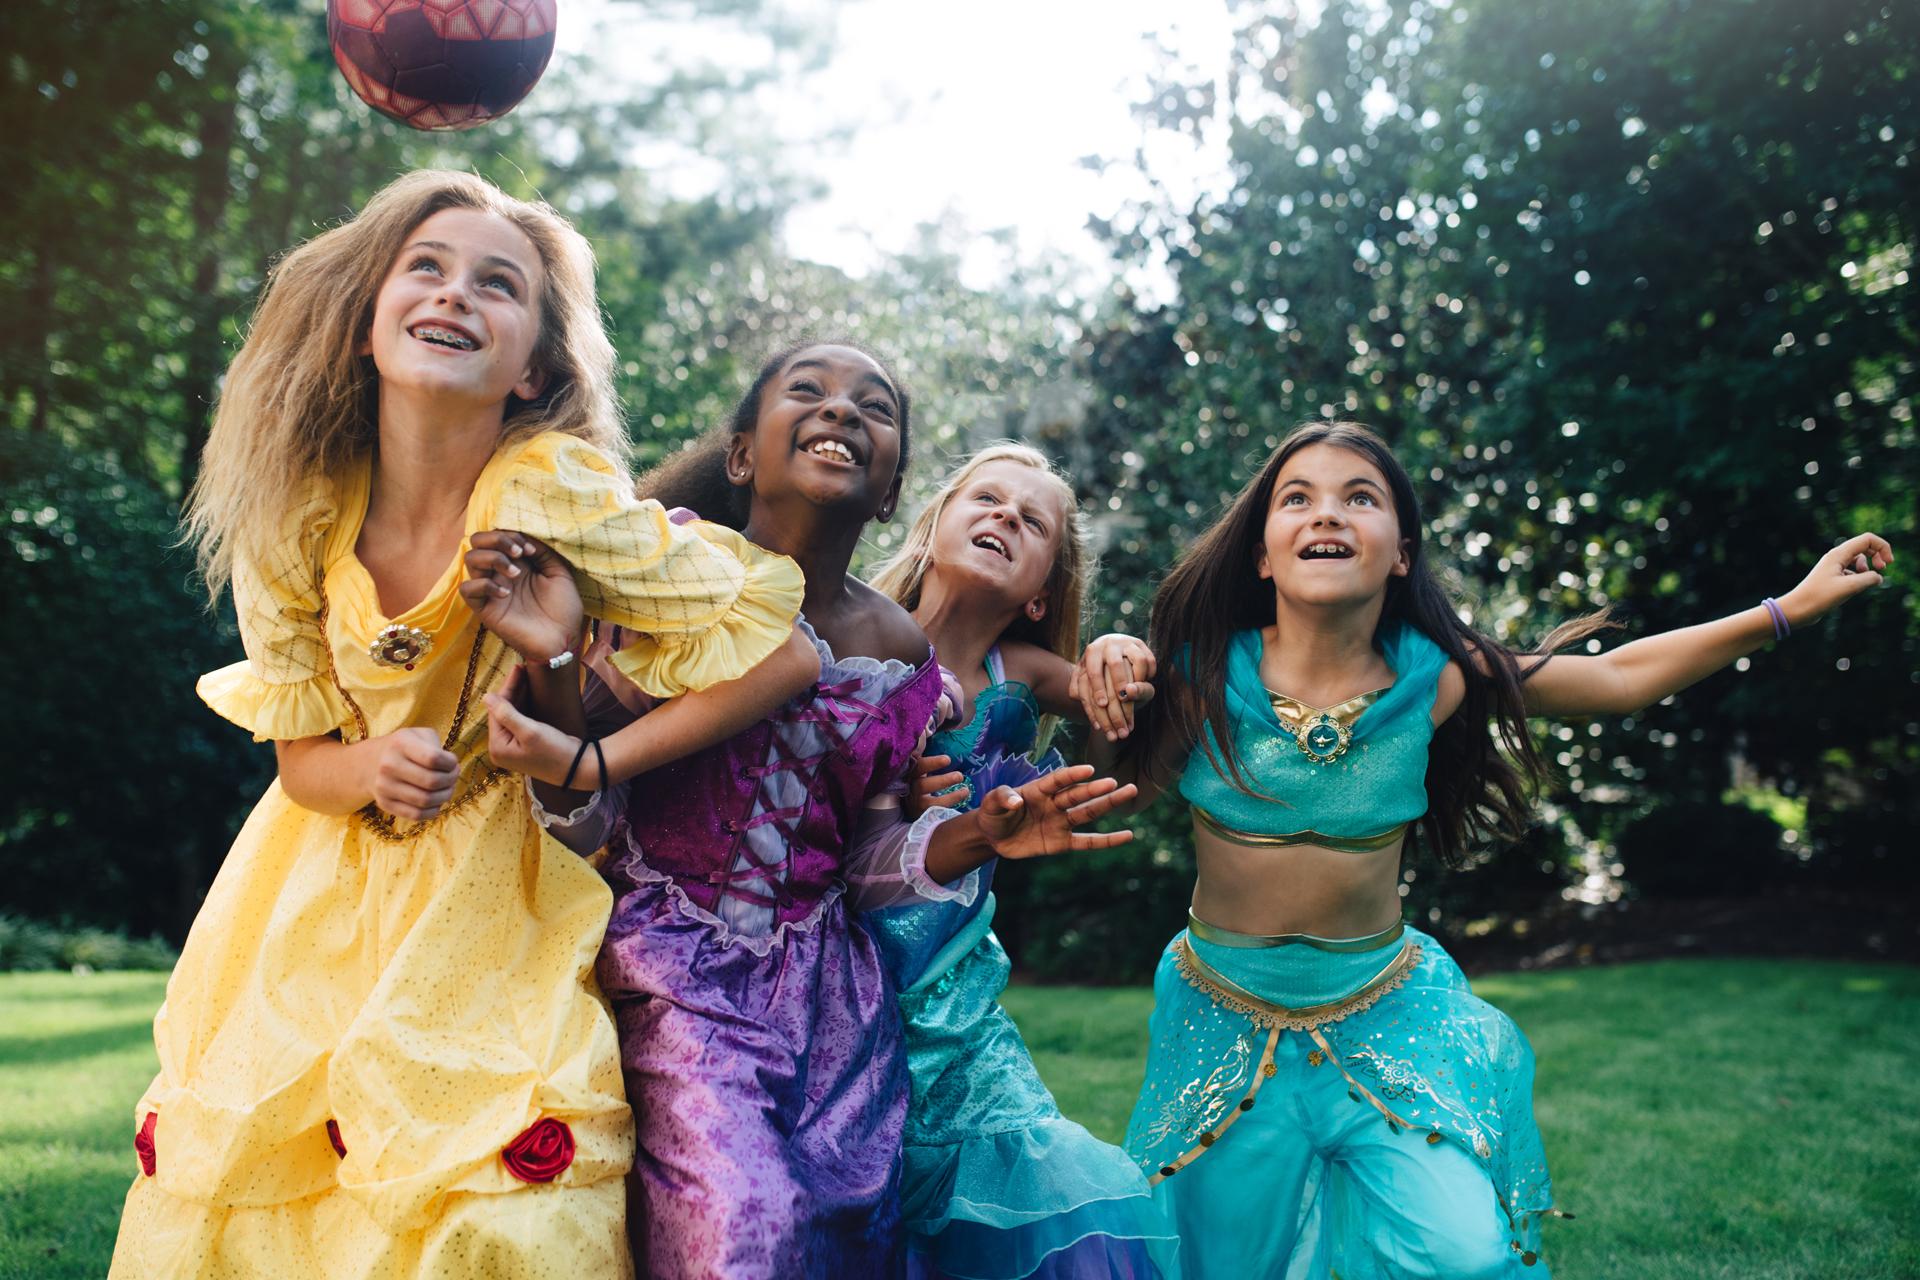 El material se compartió en las redes sociales de Disney con un motivo netamente solidario: ayudar a recaudar fondos para Girl Up, la campaña de la Fundación de Naciones Unidas que apoya el liderazgo y empoderamiento de niñas y adolescentes. Y ya se alcanzó en tiempo récord el objetivo de donación de USD 1 millón (Kate Parker)